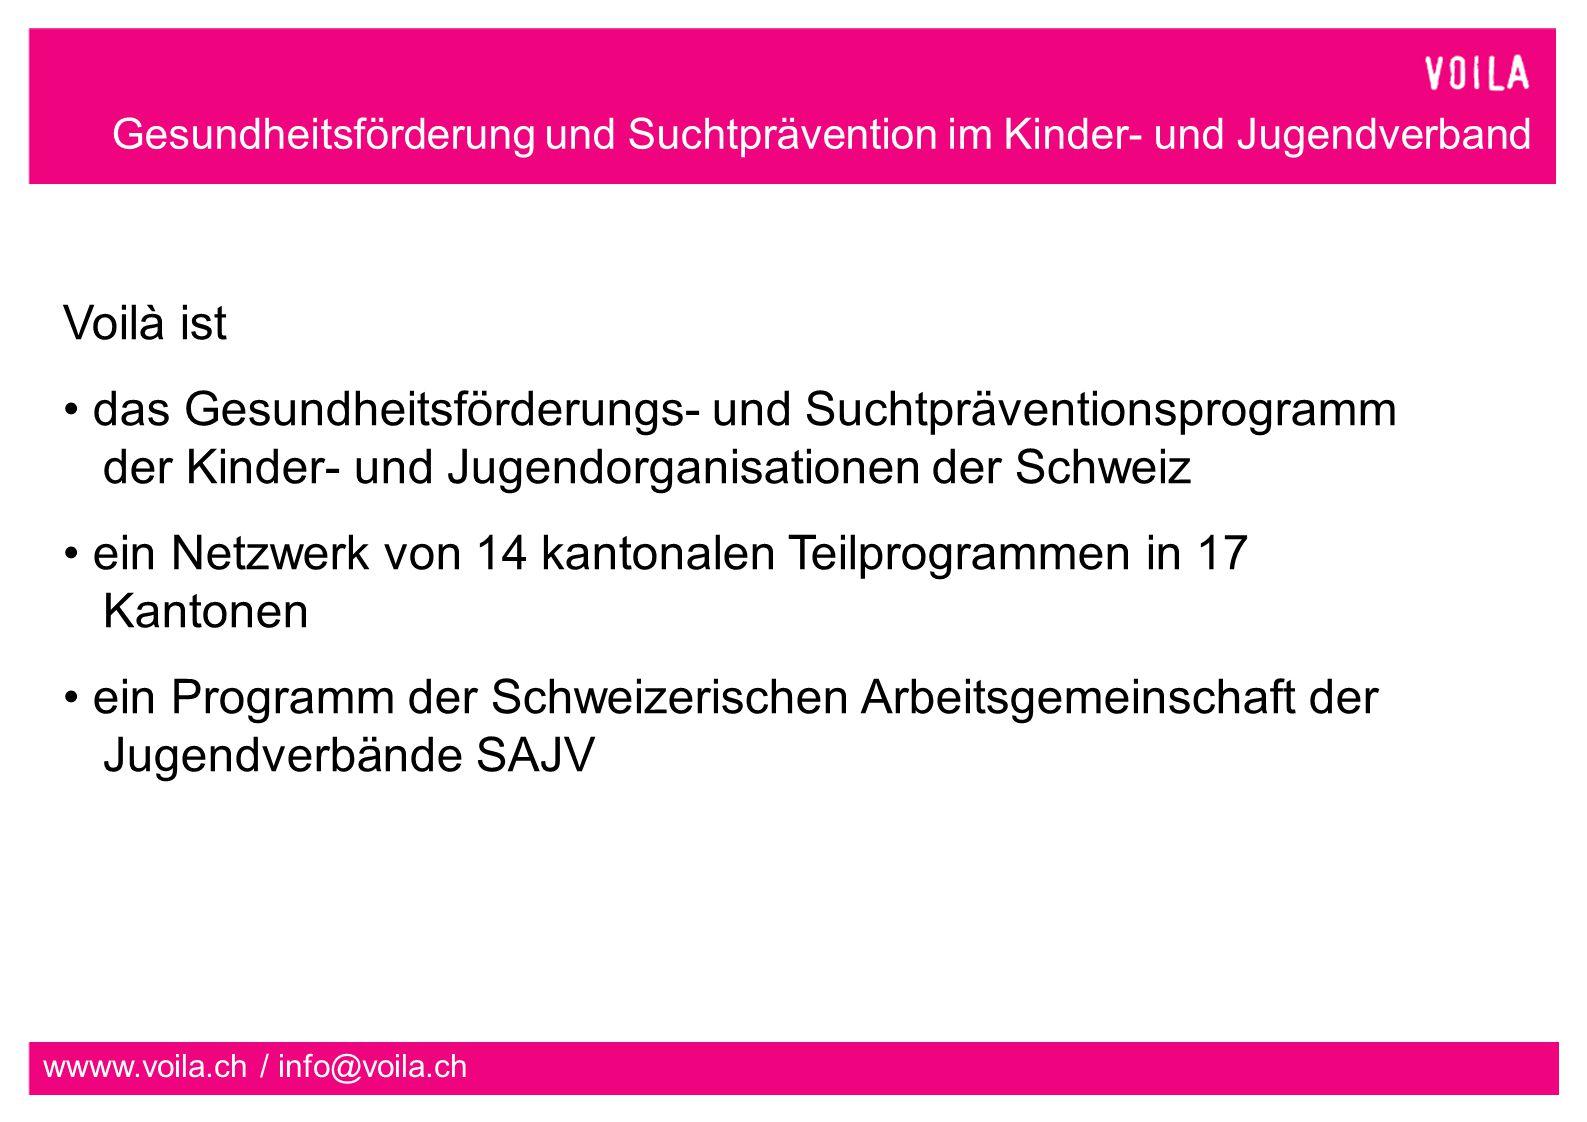 ein Netzwerk von 14 kantonalen Teilprogrammen in 17 Kantonen